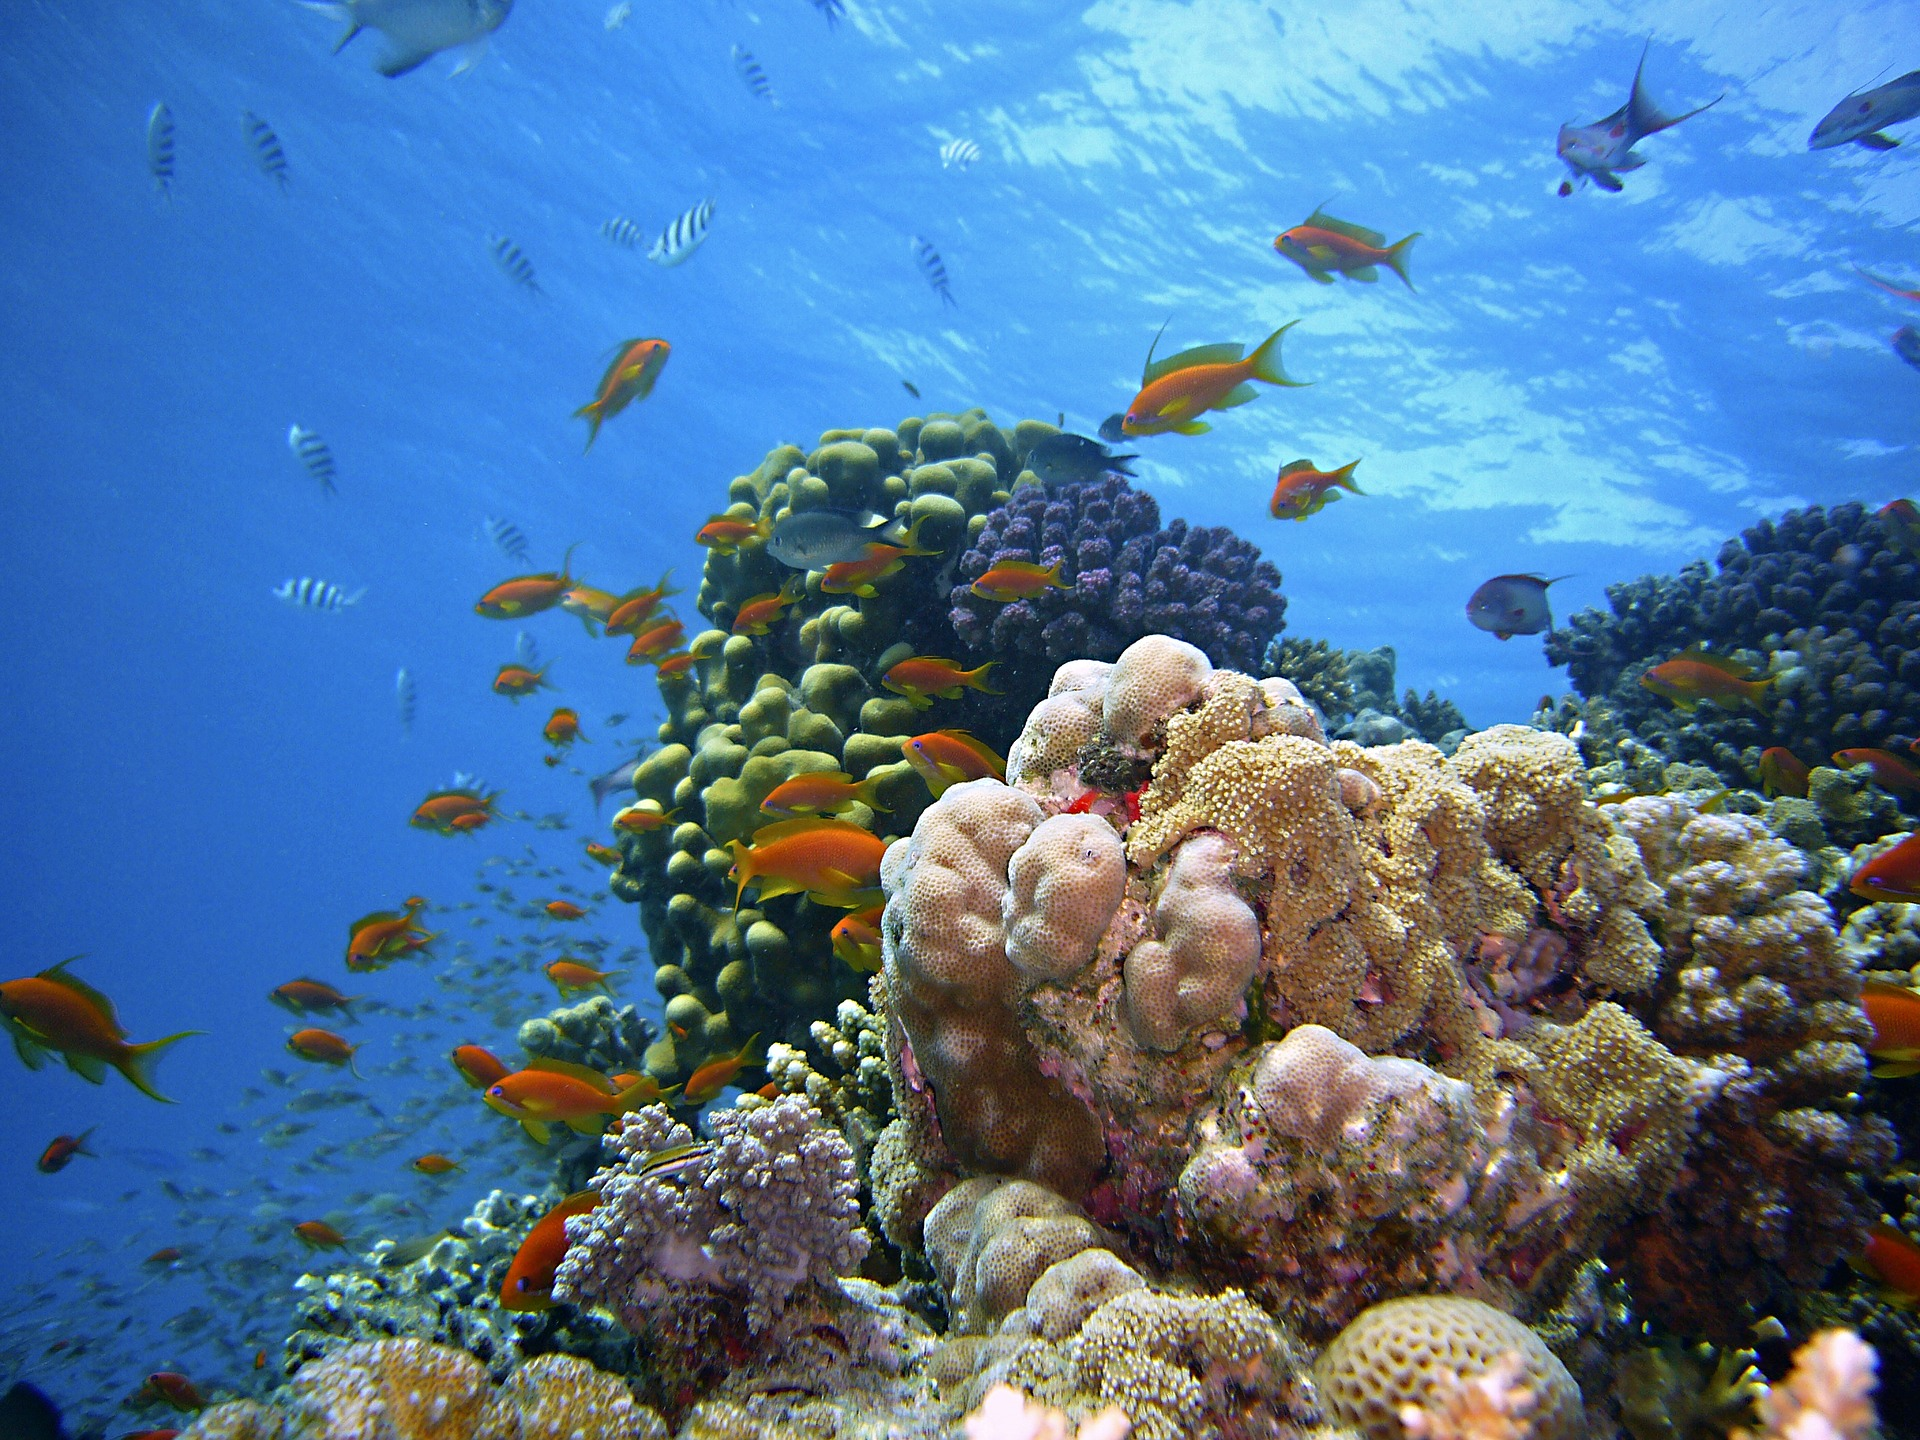 underwater-1656618_1920.jpg